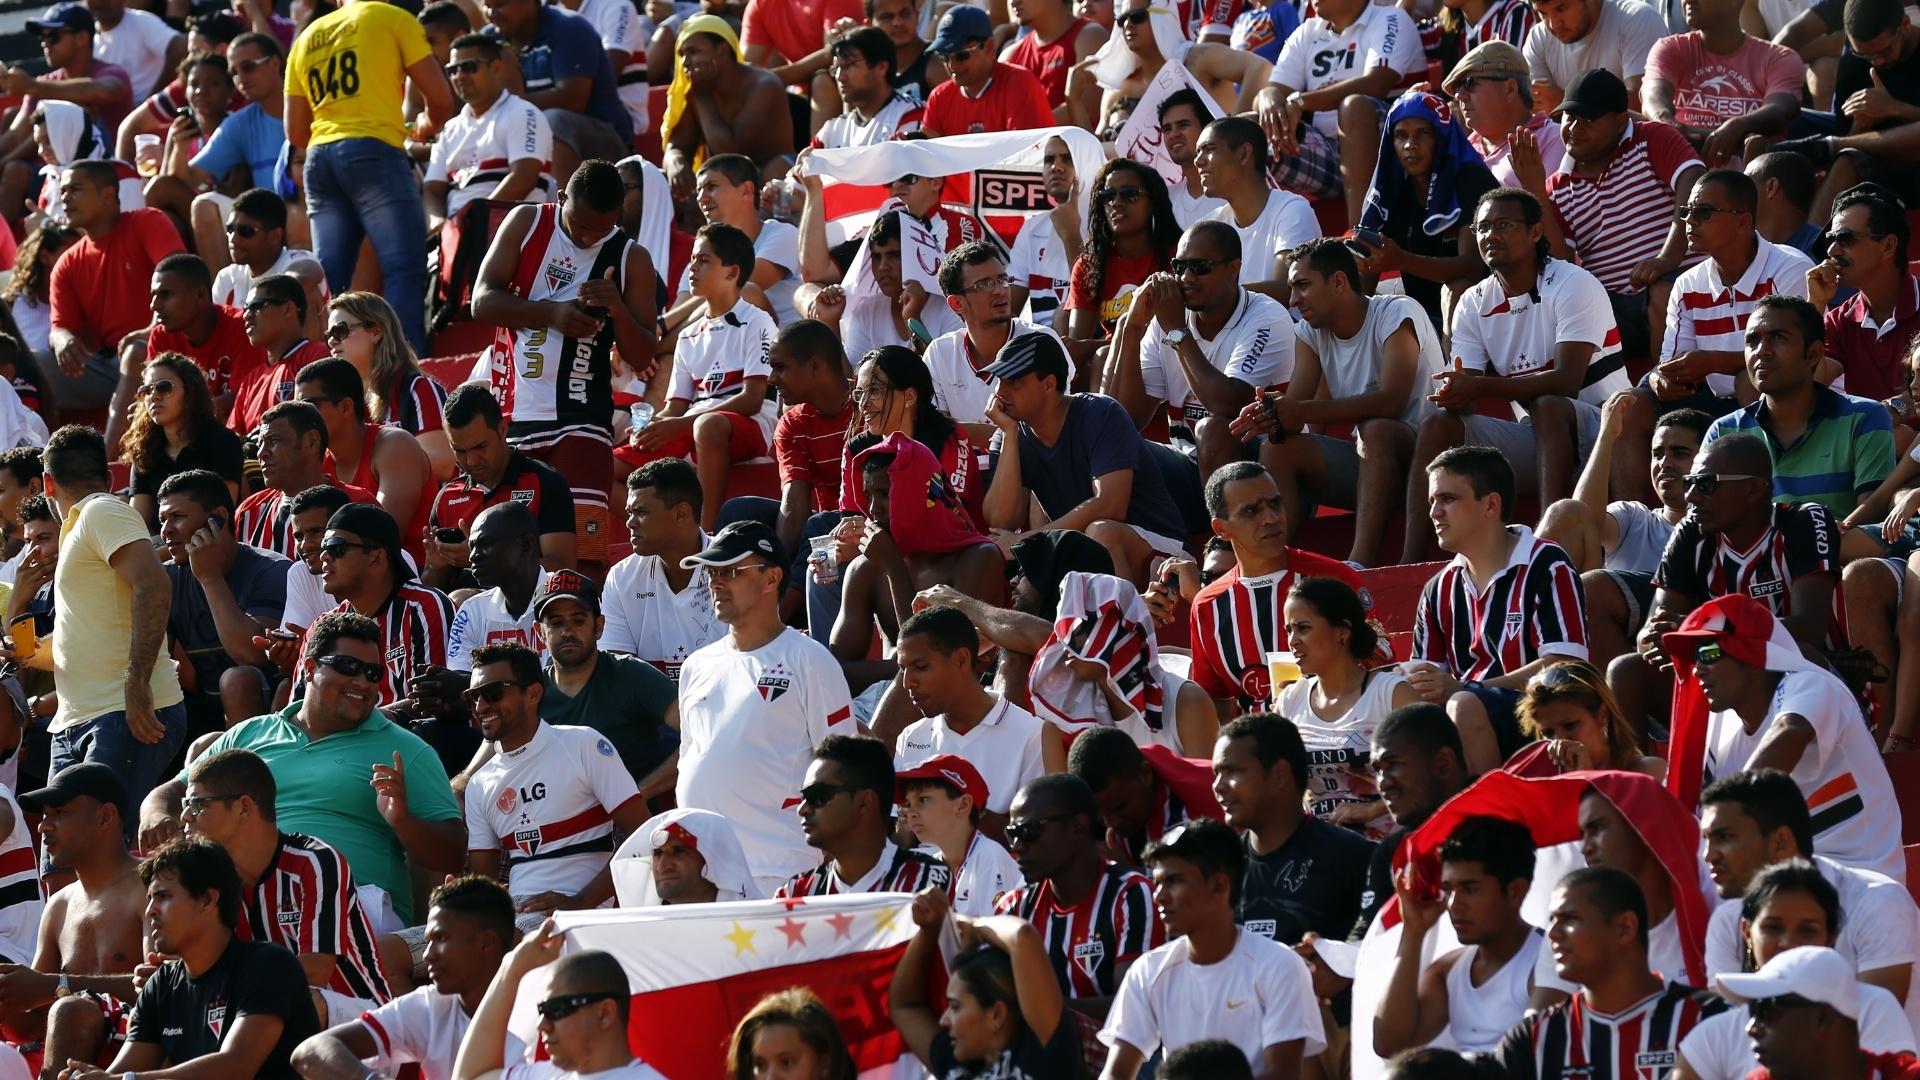 Torcedores do São Paulo presentes no Barradão para o jogo com o Vitória